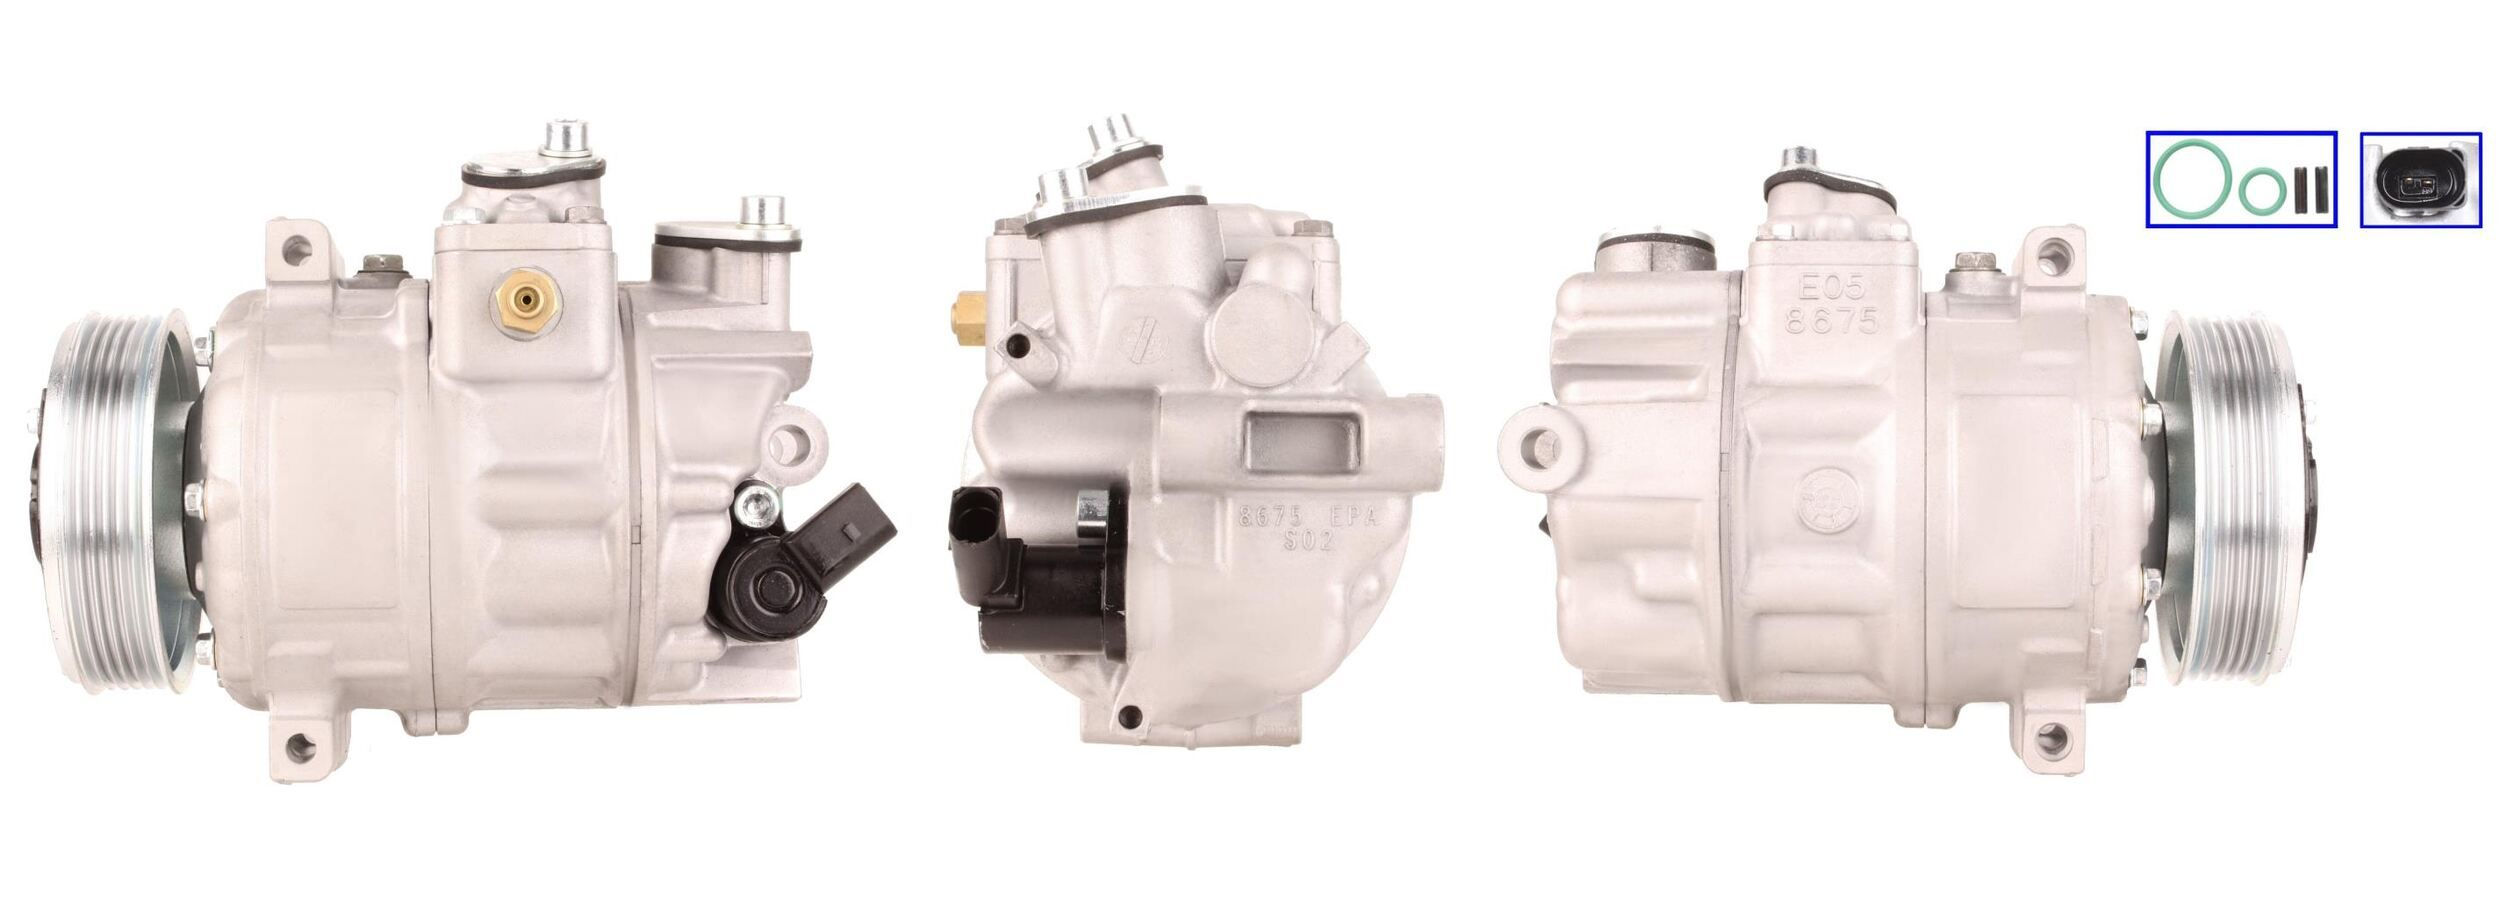 køb Kompressor 51-0123 når som helst